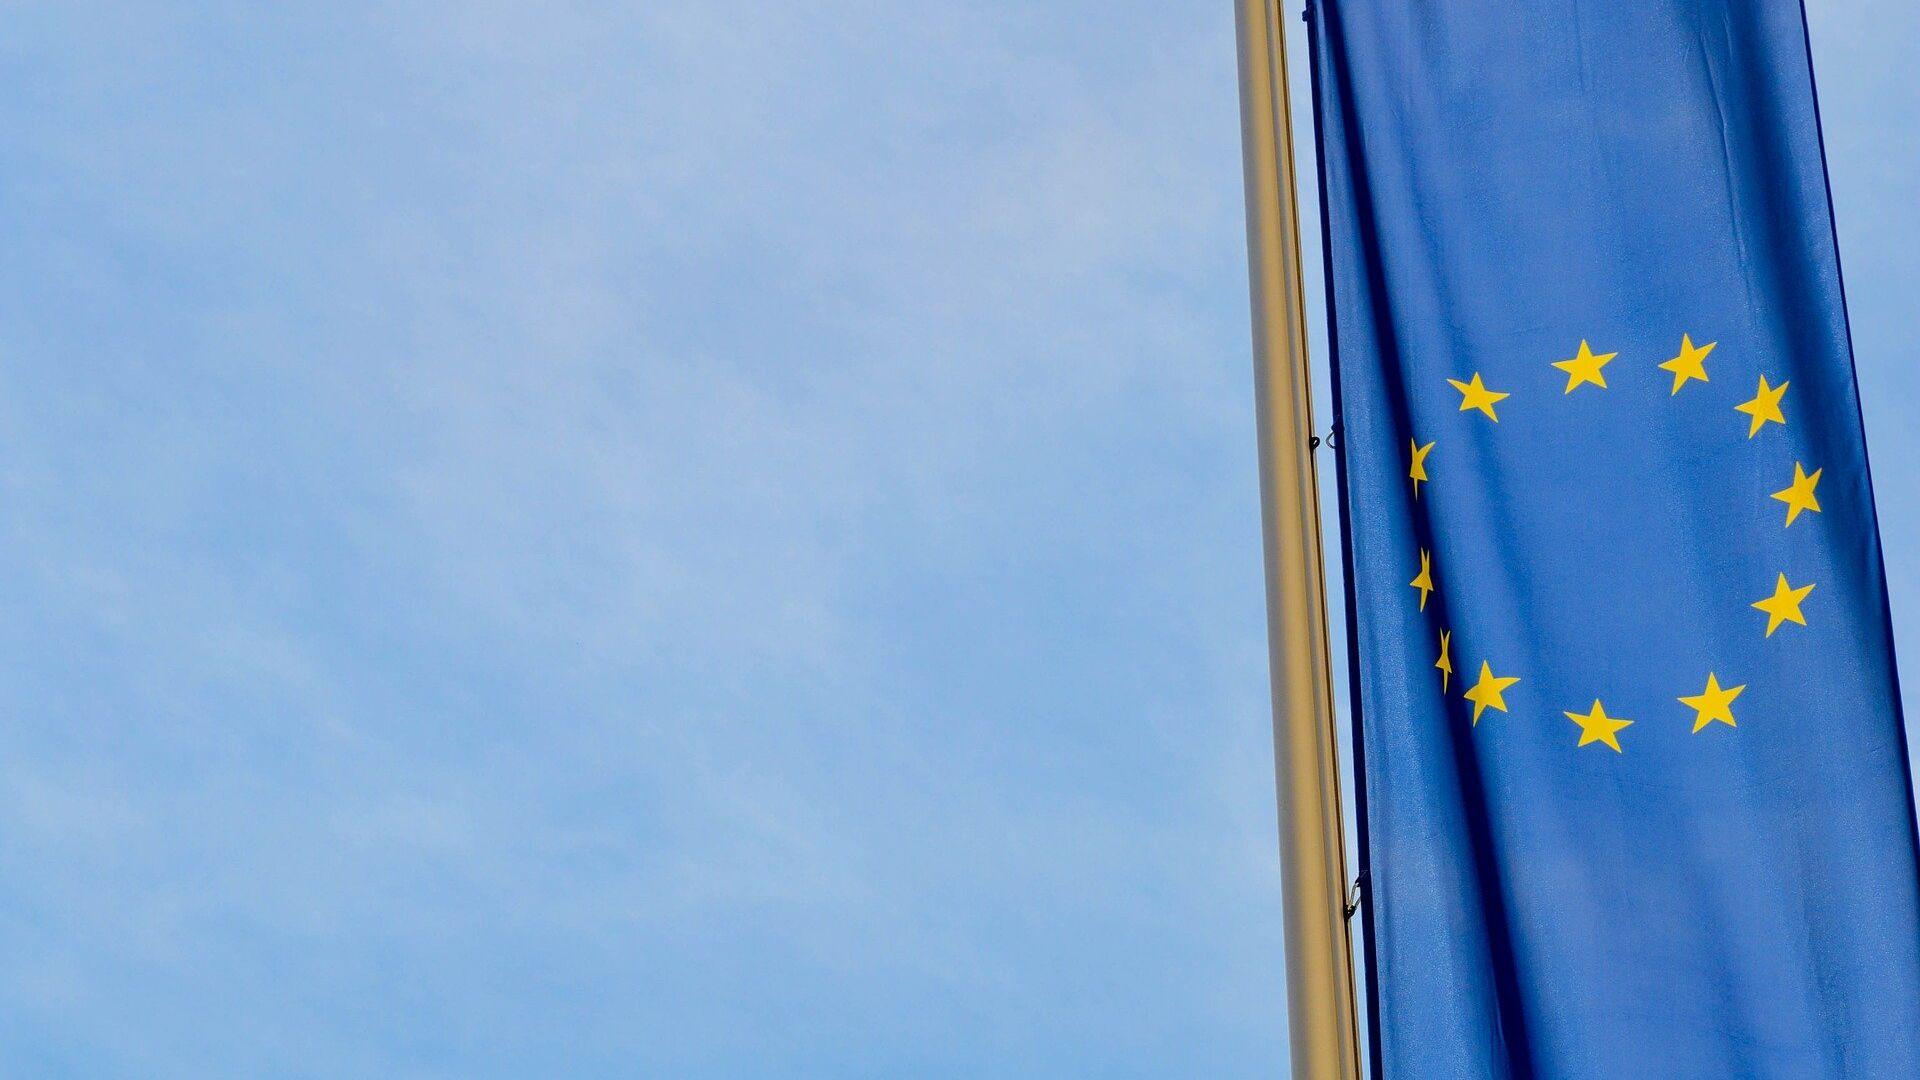 La bandera de la UE - Sputnik Mundo, 1920, 12.04.2021